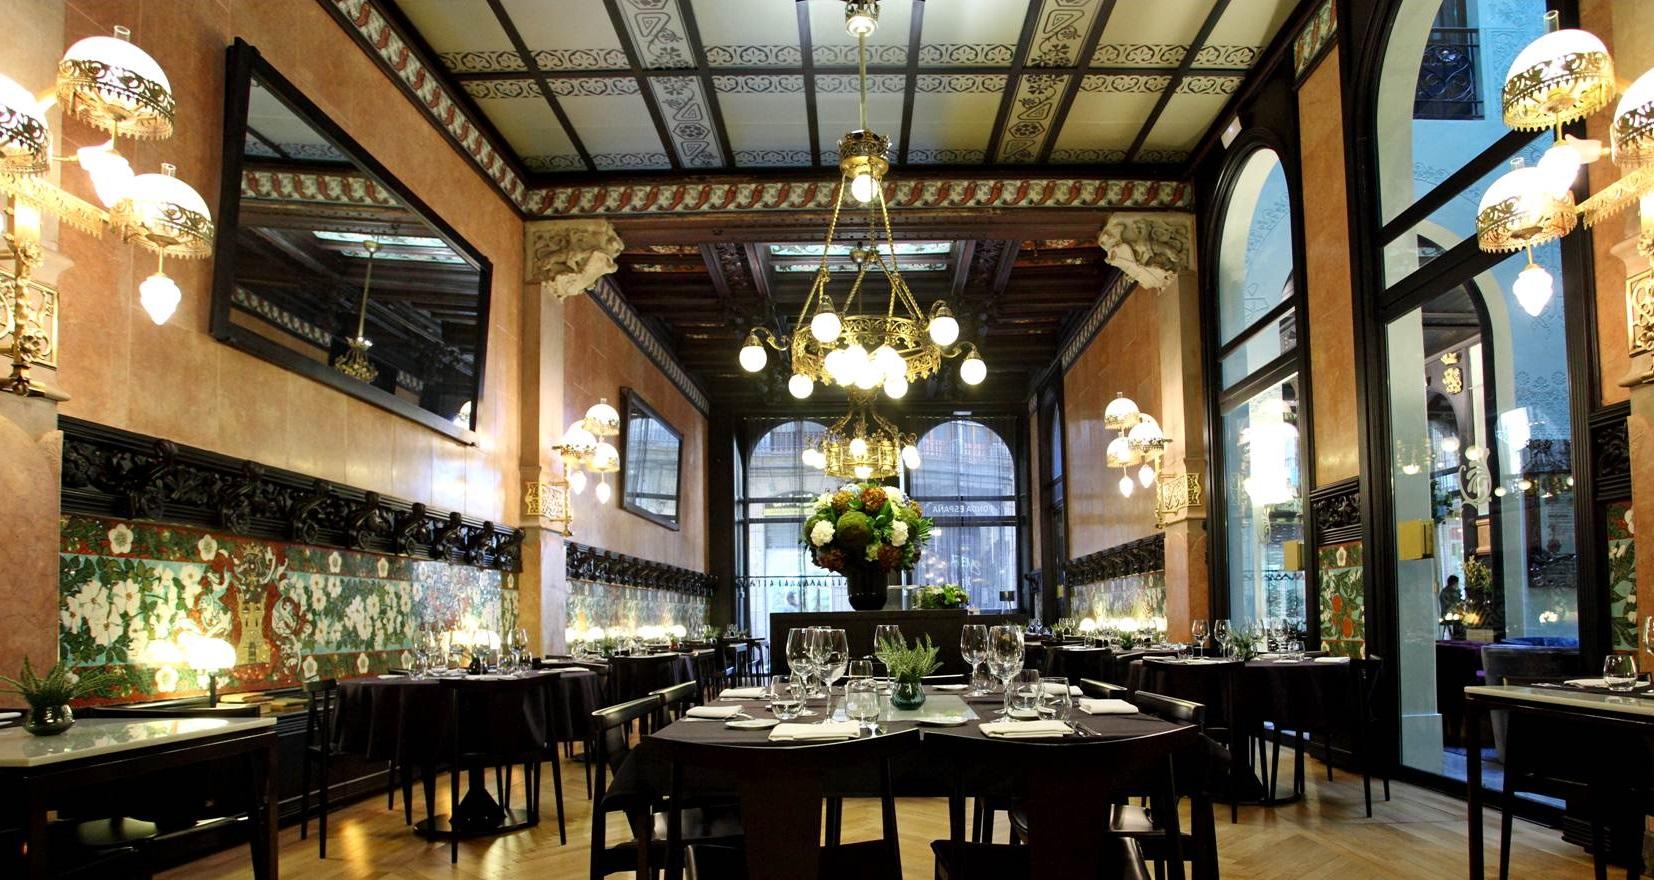 Top 5 barcelona restaurantes cl sicos de cocina catalana - Restaurante ken barcelona ...